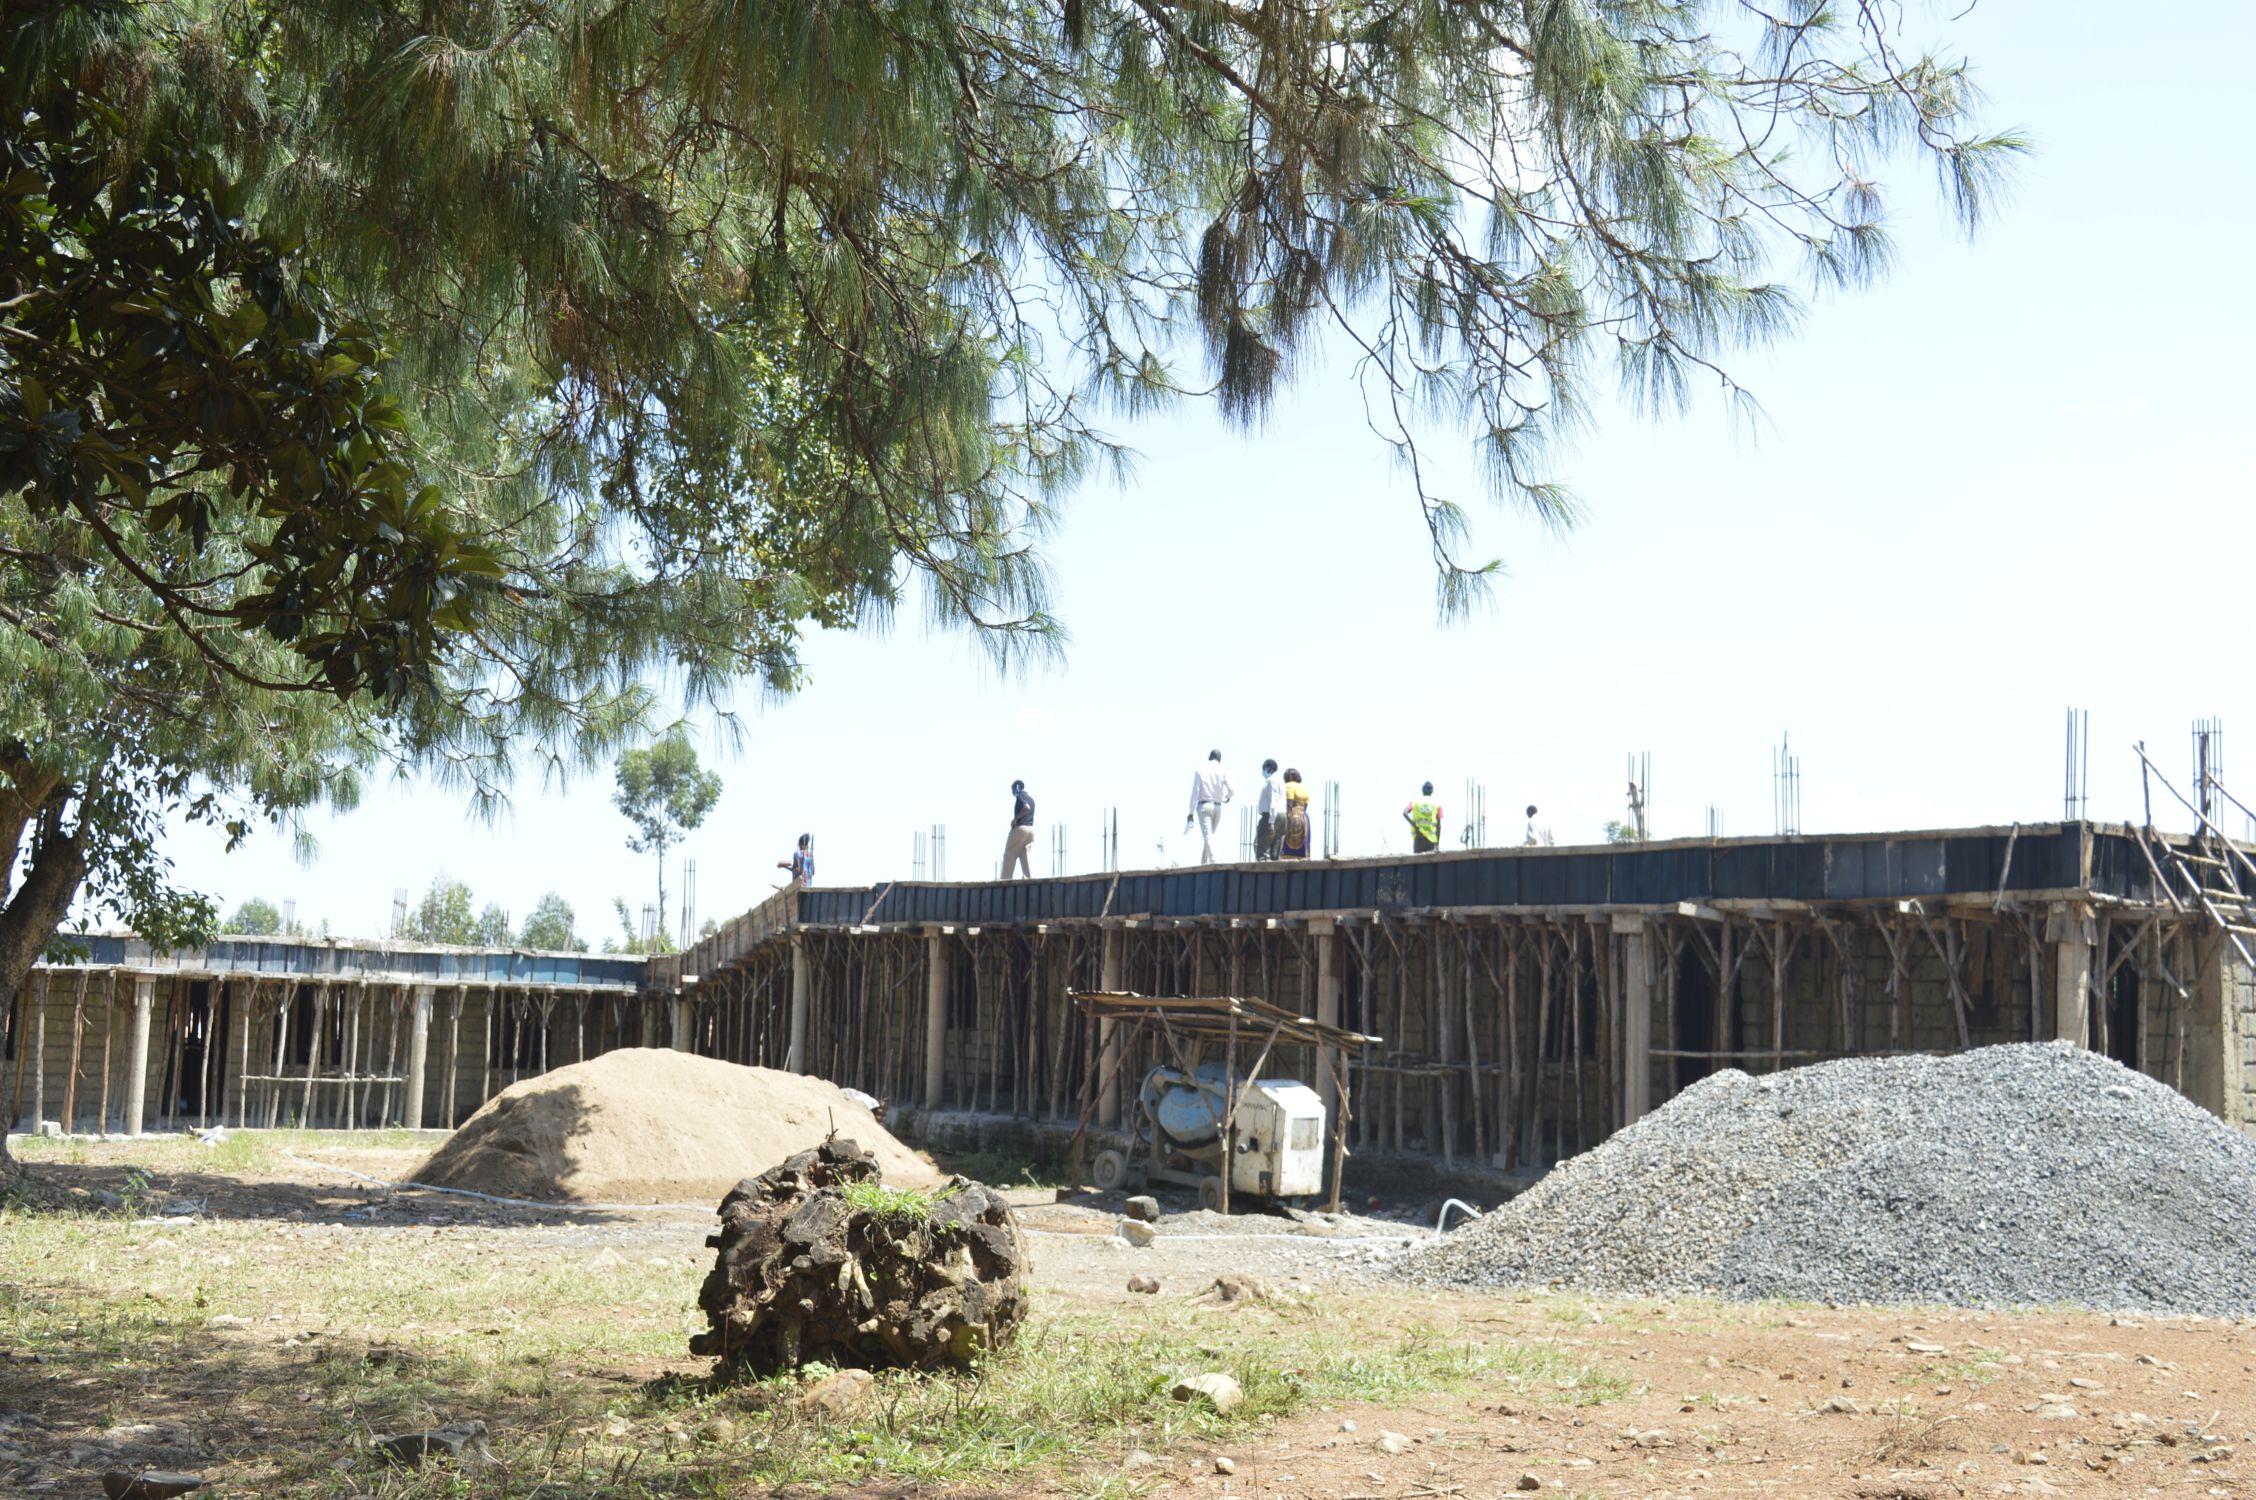 Esibeye Primary School